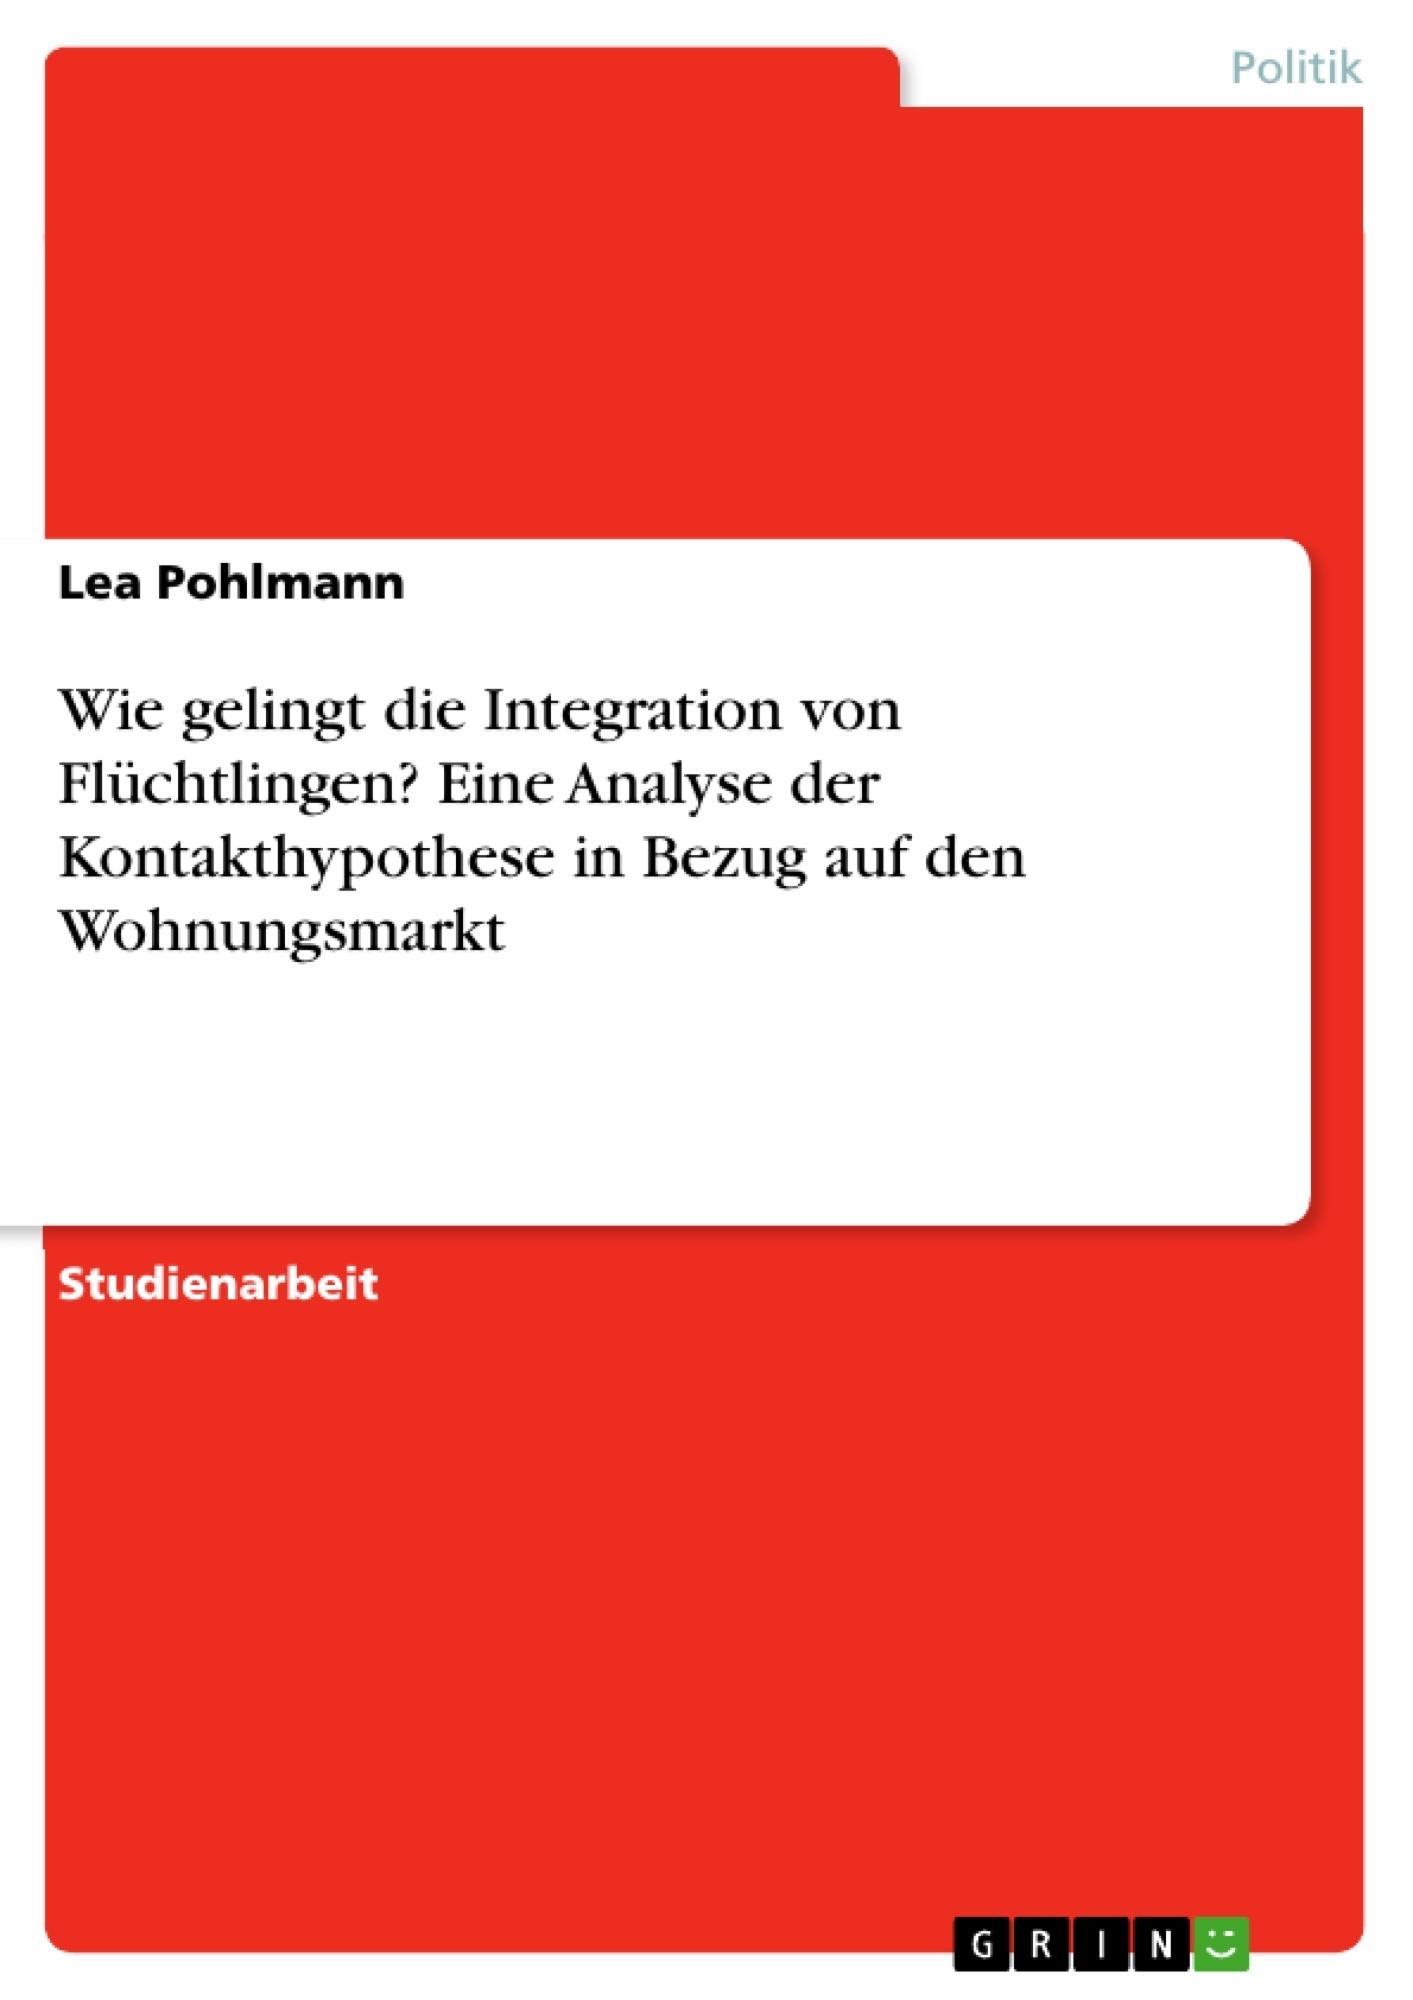 Titel: Wie gelingt die Integration von Flüchtlingen? Eine Analyse der Kontakthypothese in Bezug auf den Wohnungsmarkt